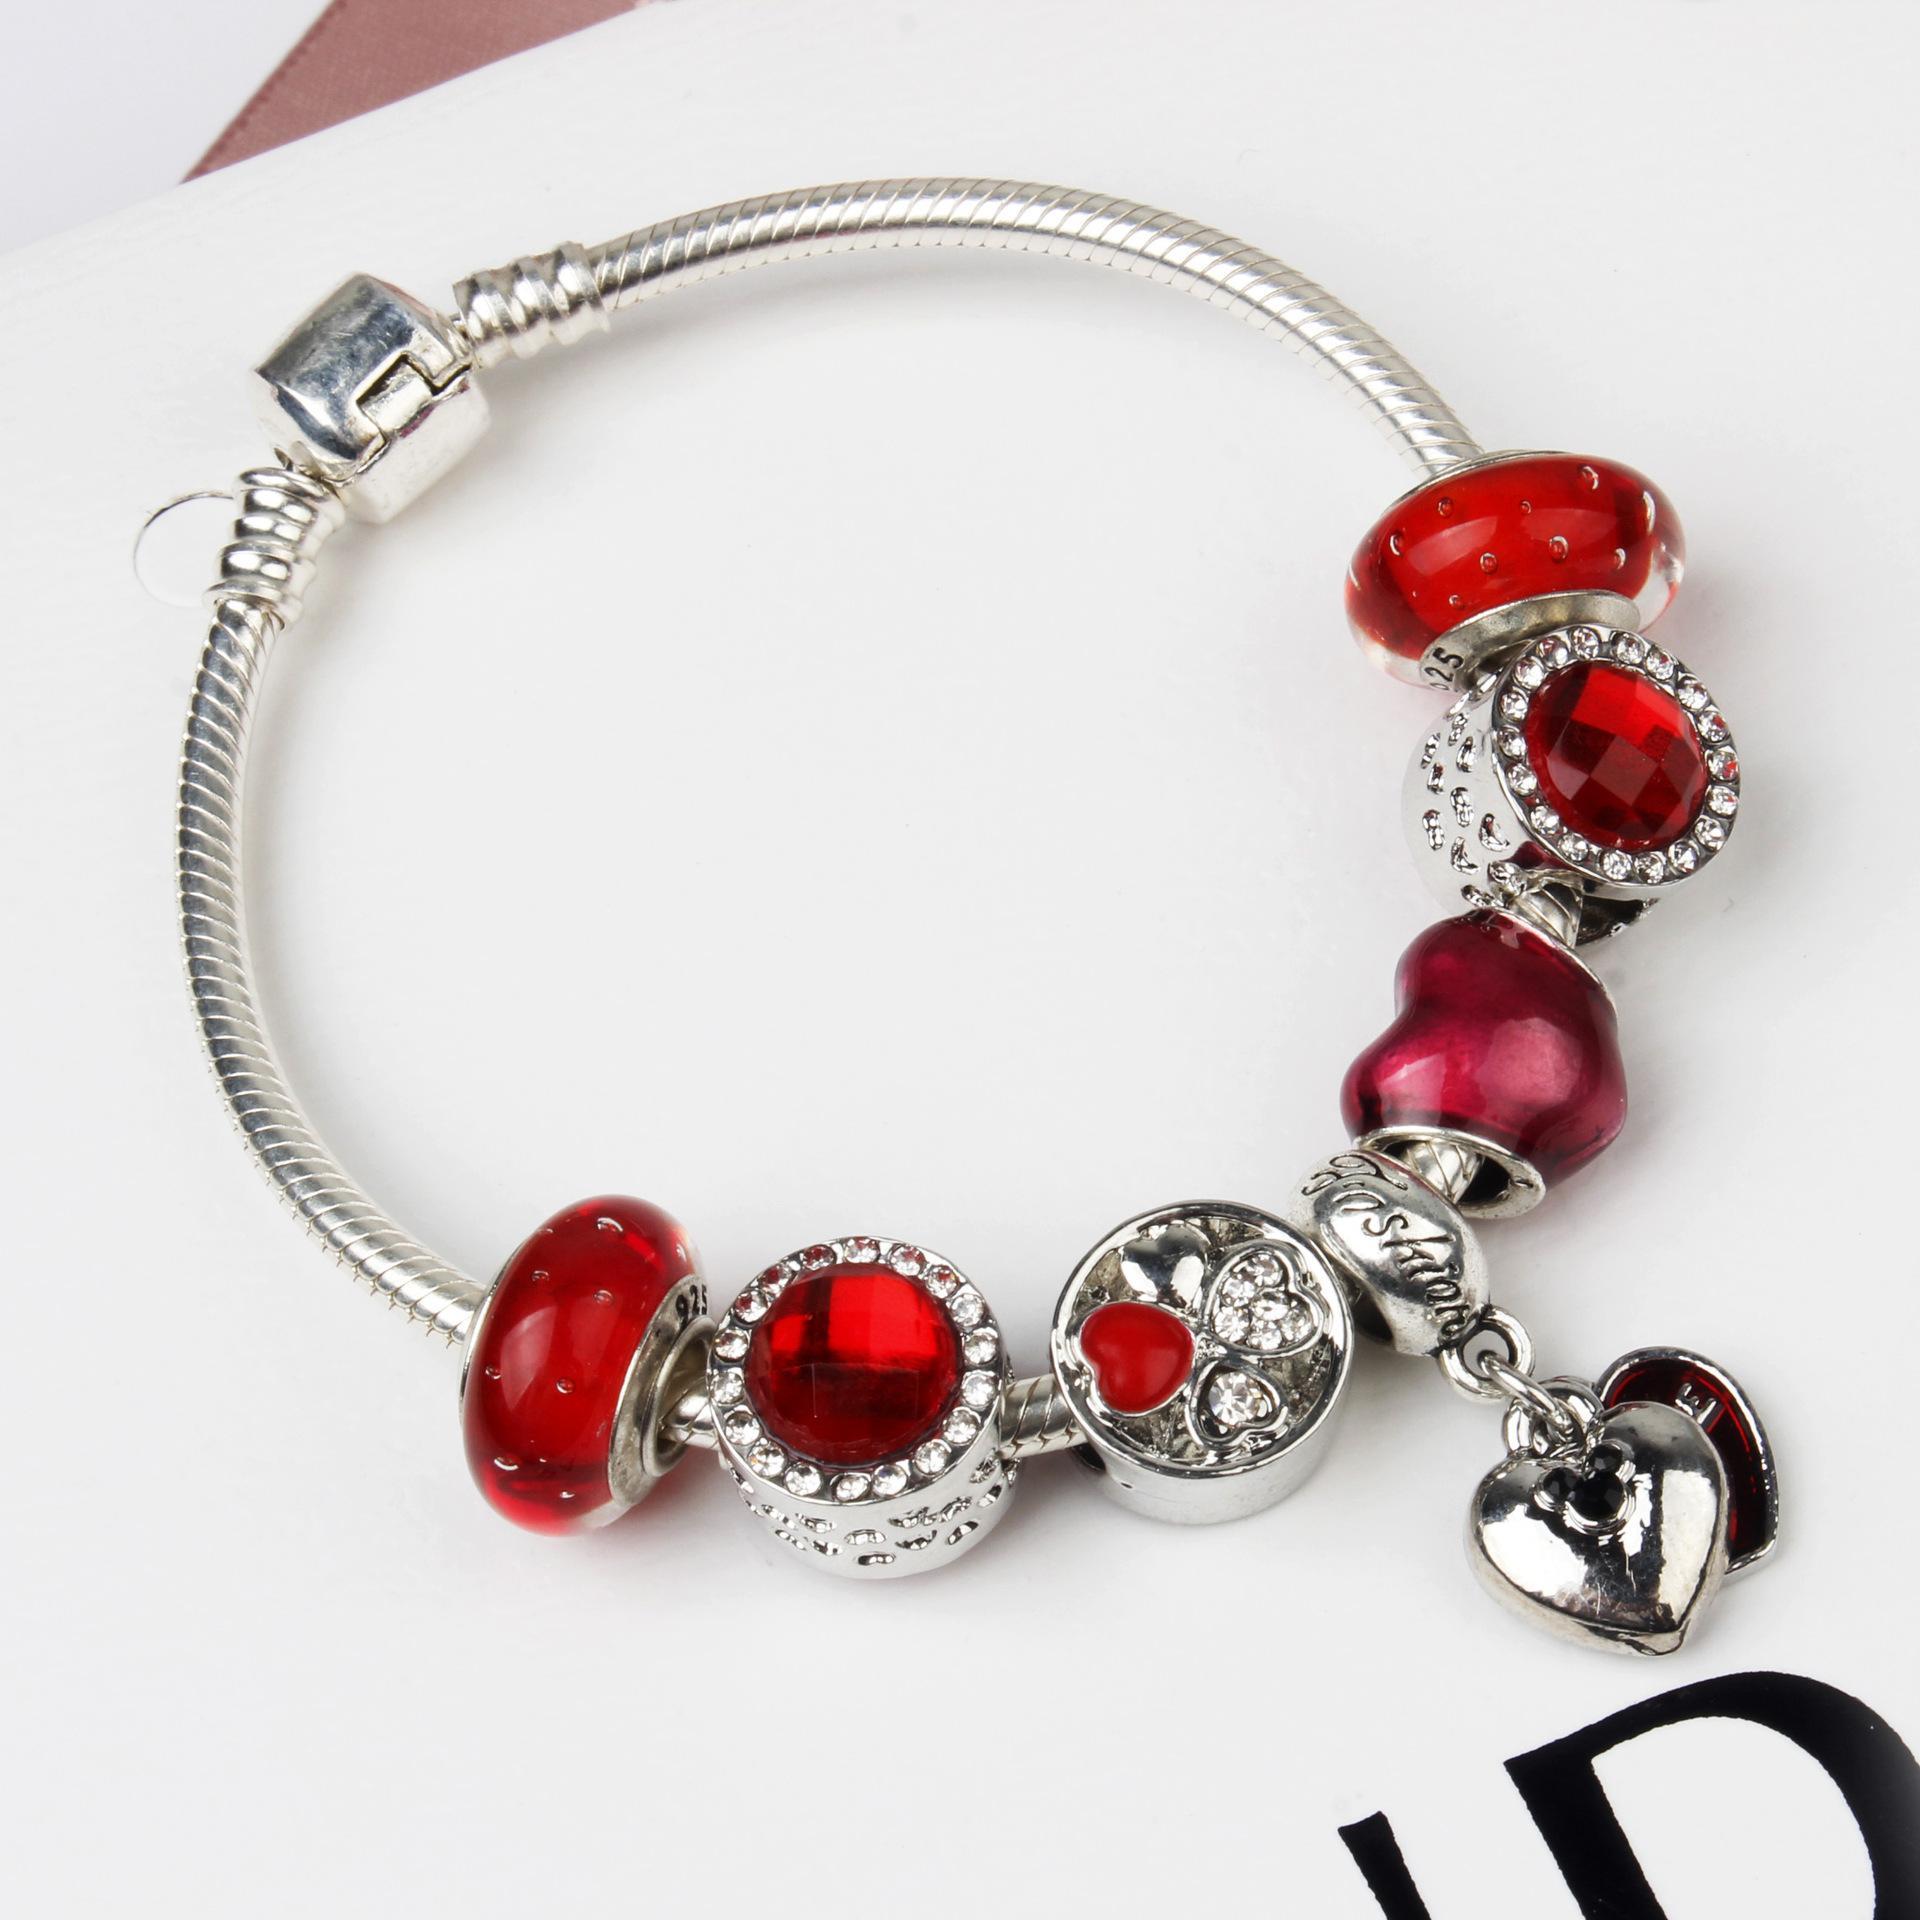 Perles en gros-925 Murano Glass Charm Bracelet rouge pour les femmes / enfant Bijoux originaux bricolage Style Pandora bijoux cadeau de Noël